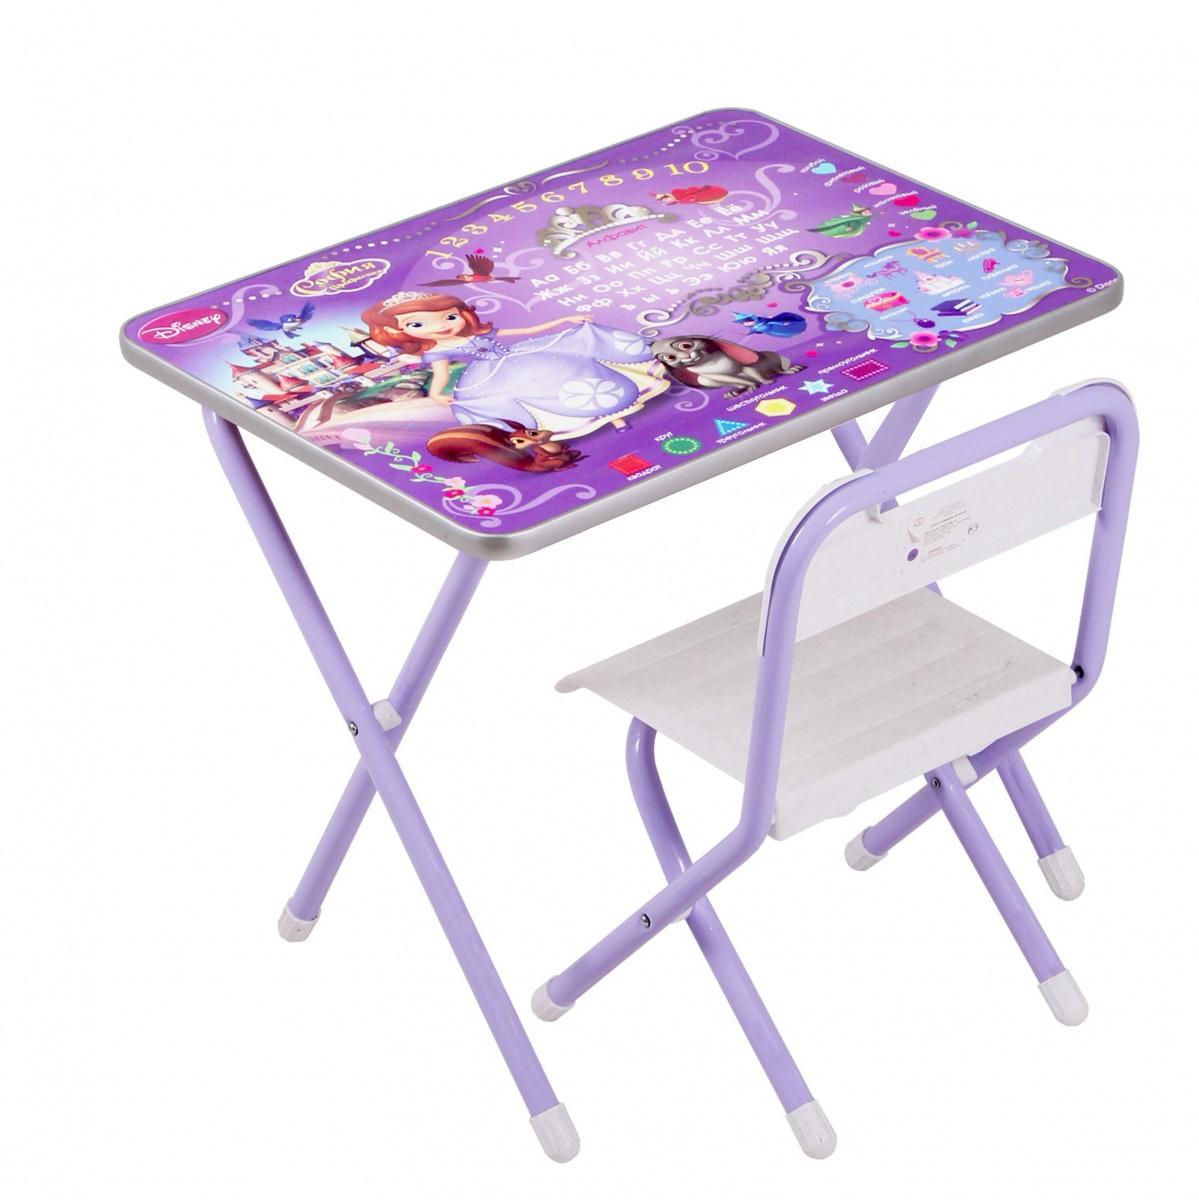 Набор детской мебели №1 София Прекрасная, фиолетовый С) от Toyway